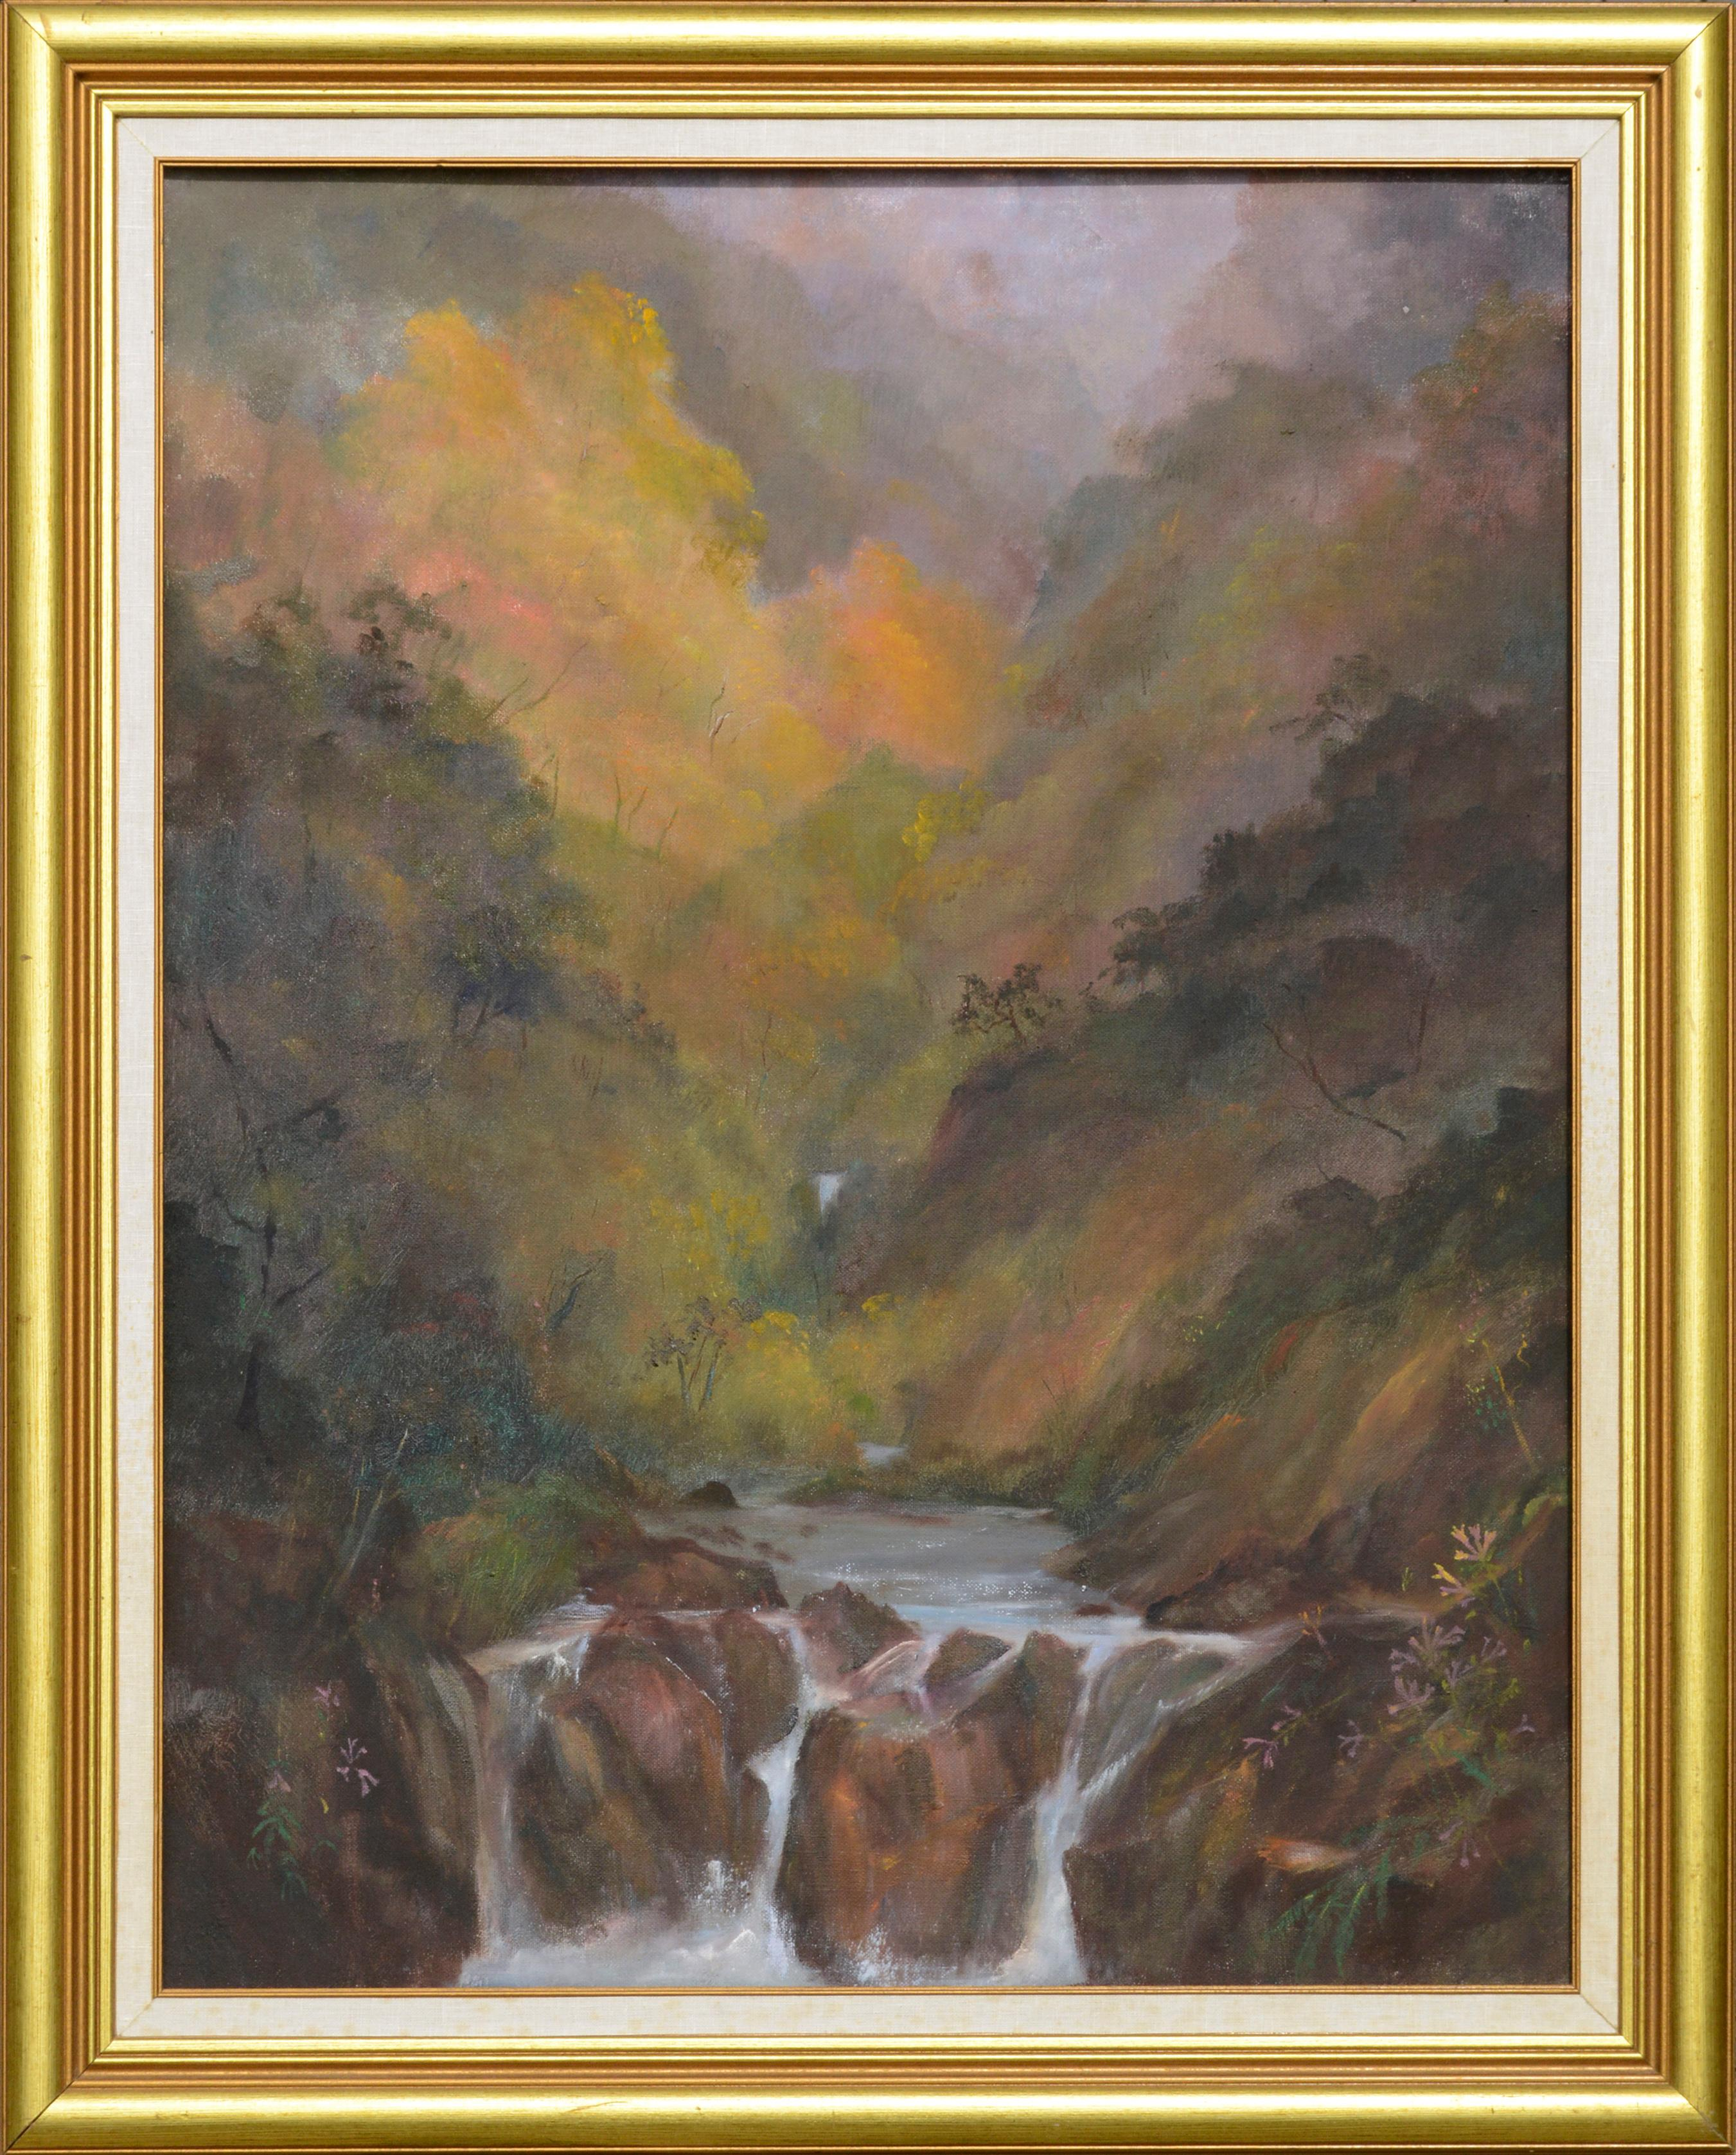 Misty Valley Waterfall Landscape